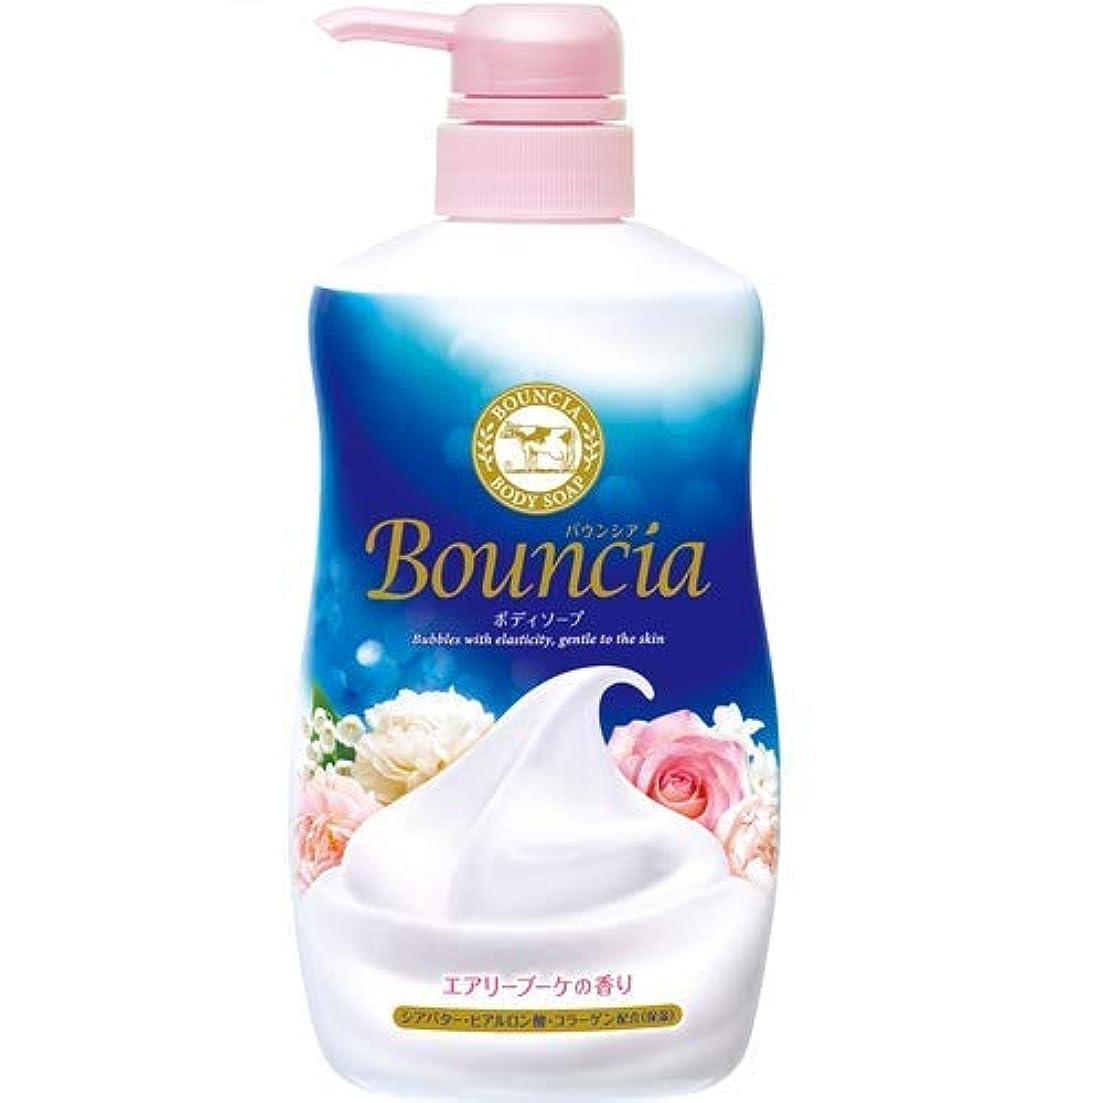 ロケーション精巧な落胆したバウンシア ボディソープ エアリーブーケの香り ポンプ付 500mL